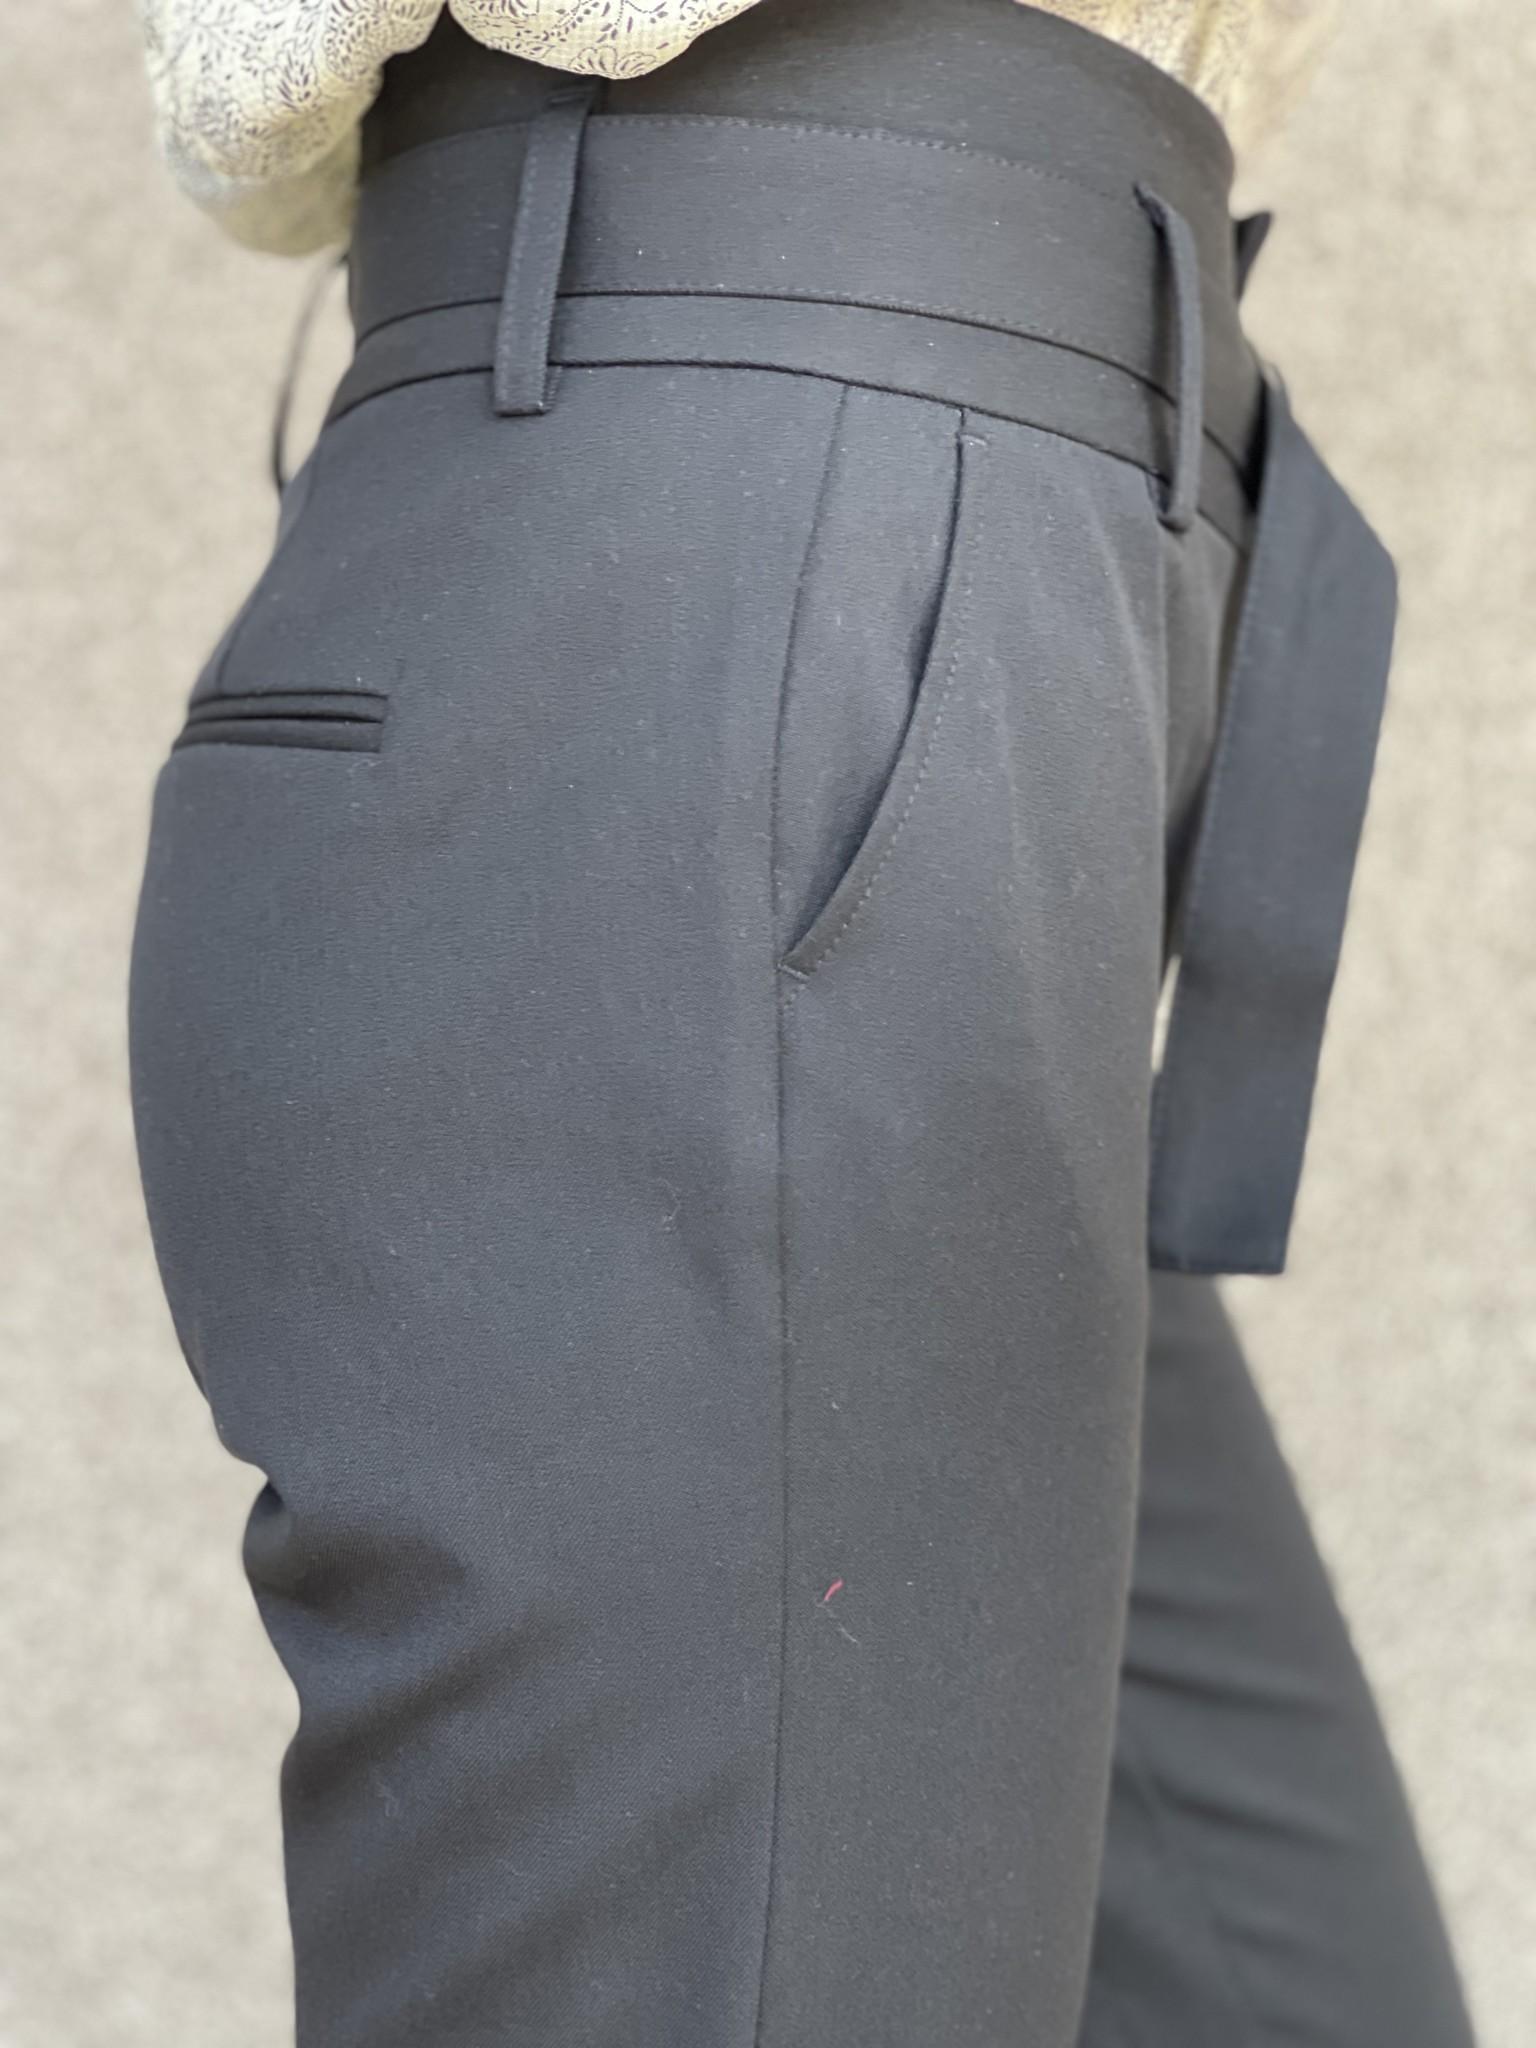 KIKKO pantalon-6